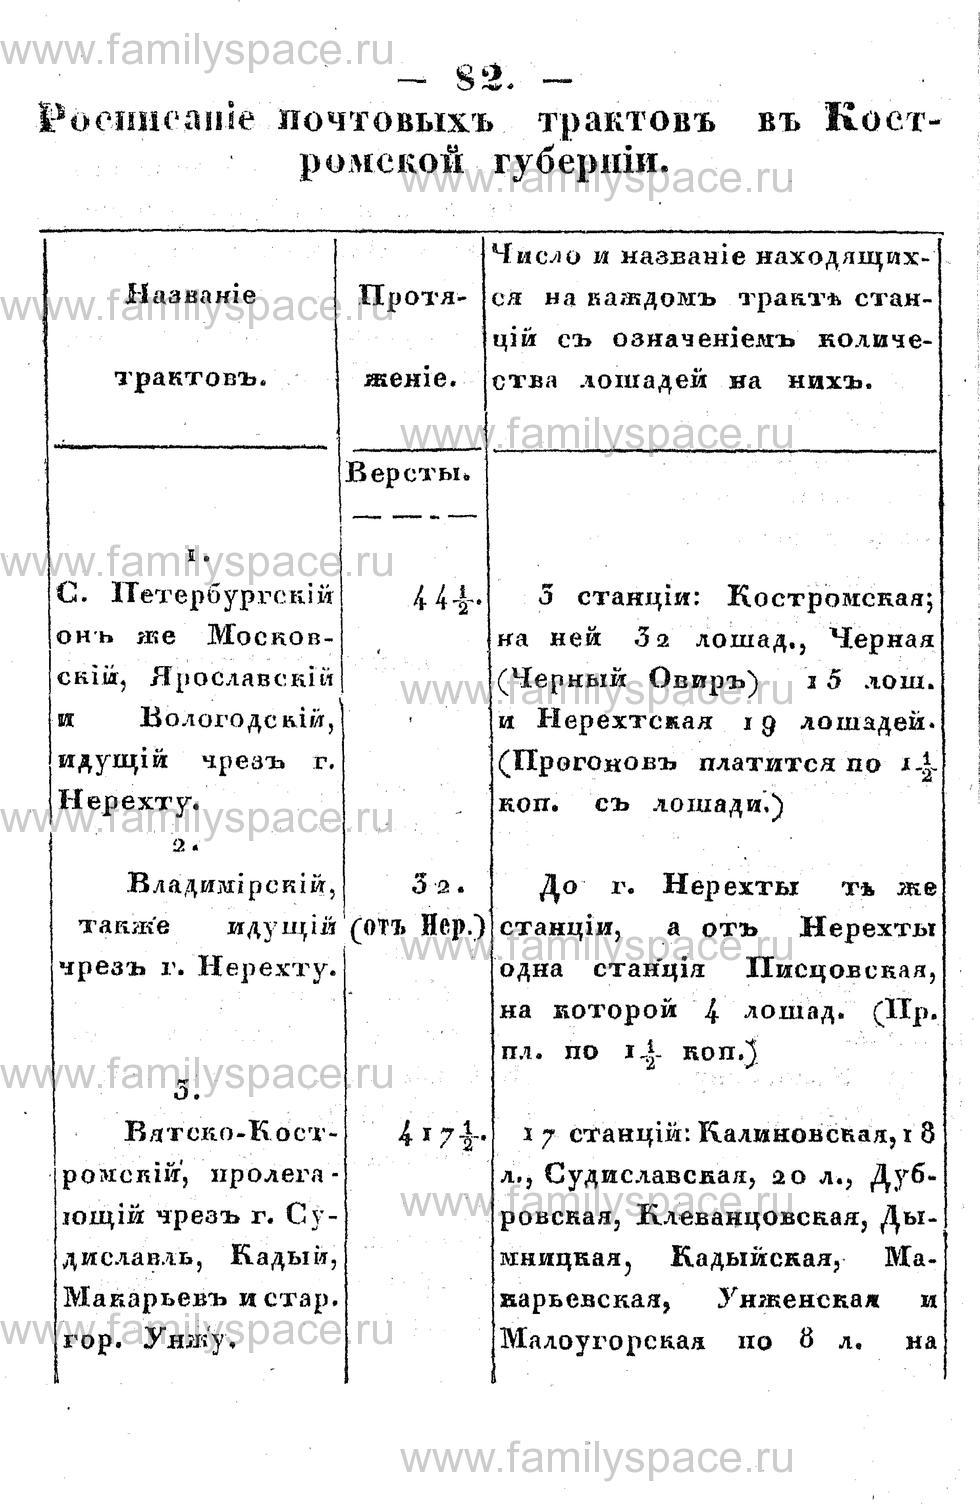 Поиск по фамилии - Памятная книжка Костромской губернии на 1853 год, страница 82